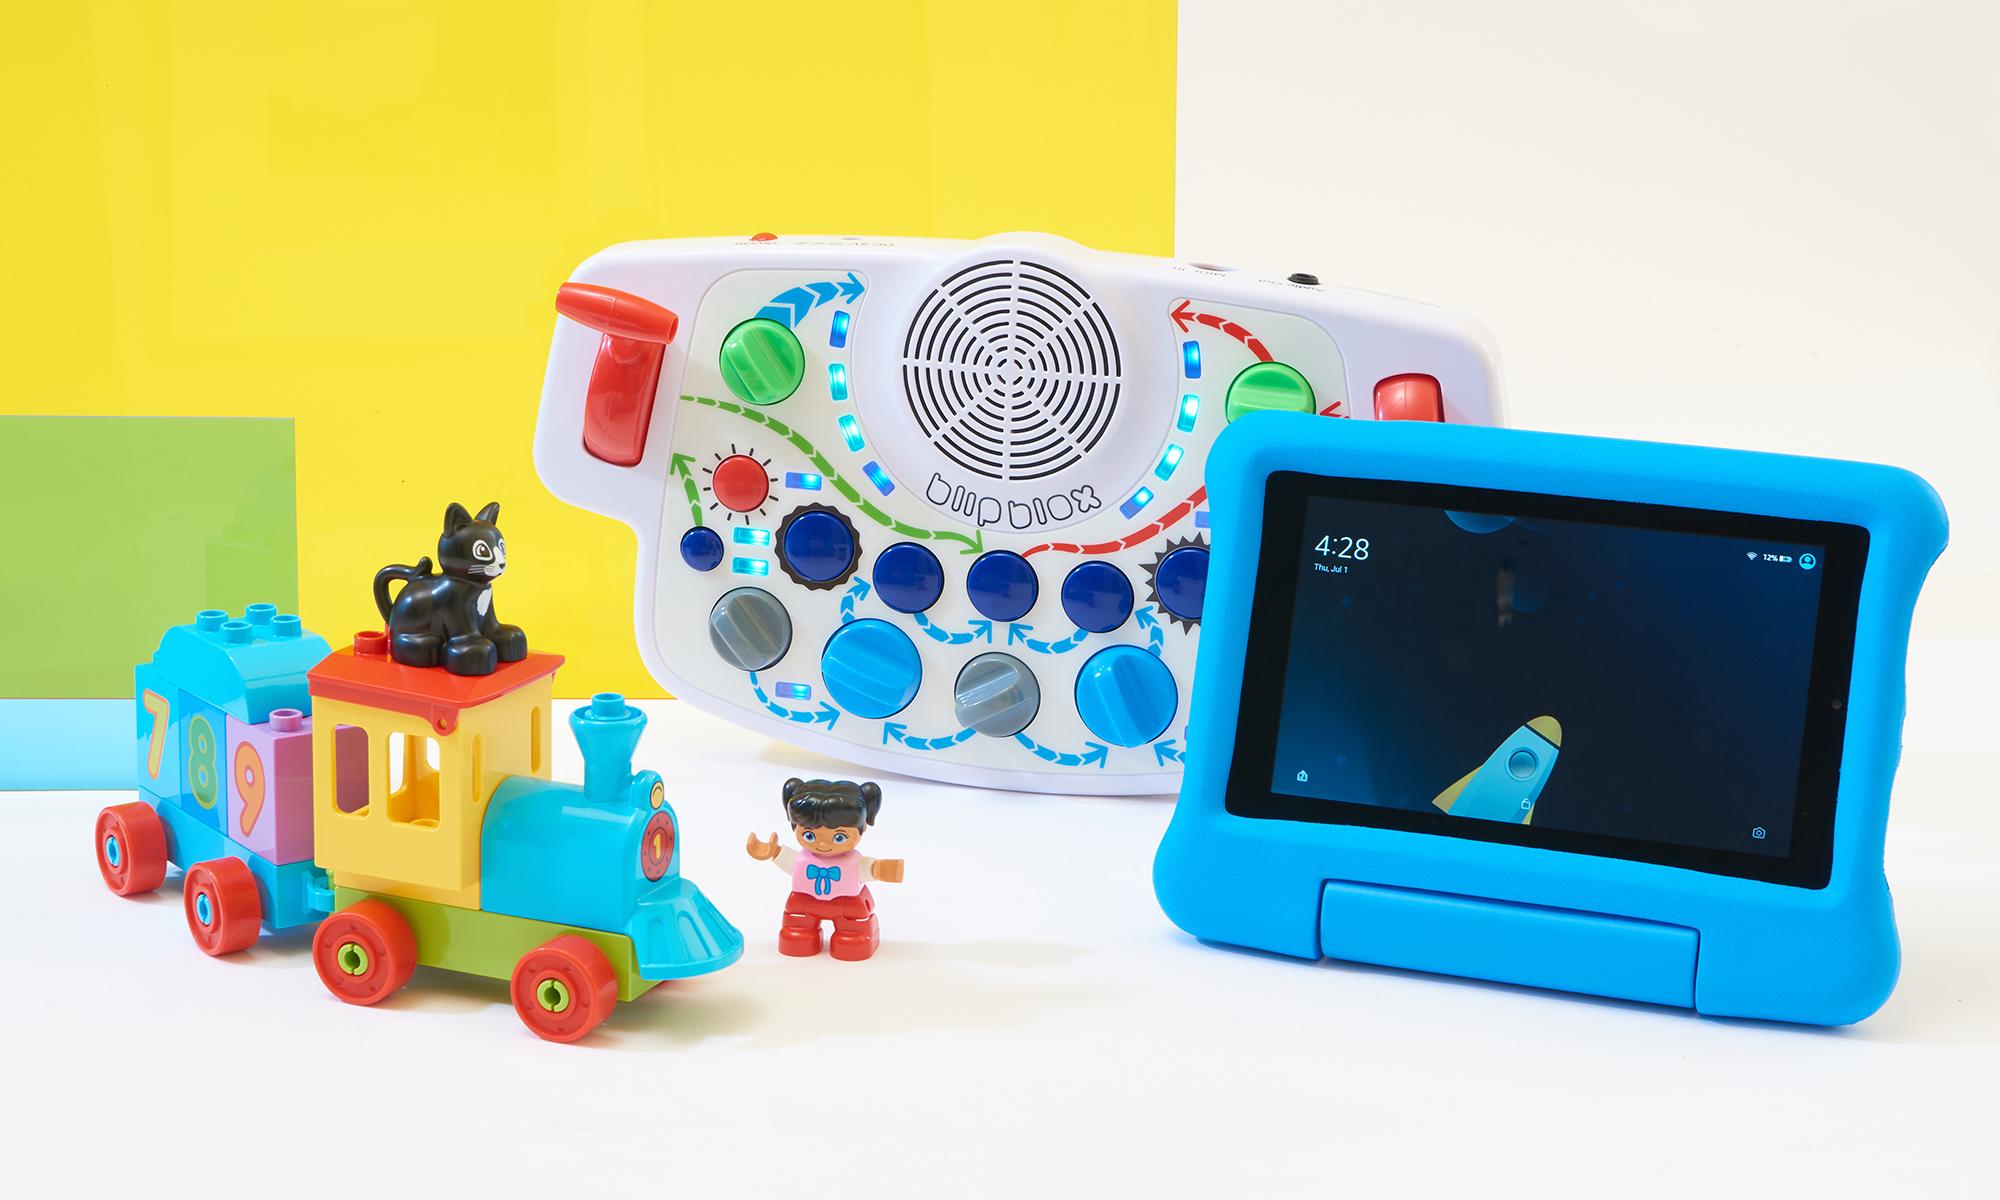 Çocuklar için en iyi eğitici oyuncaklar | Engadget